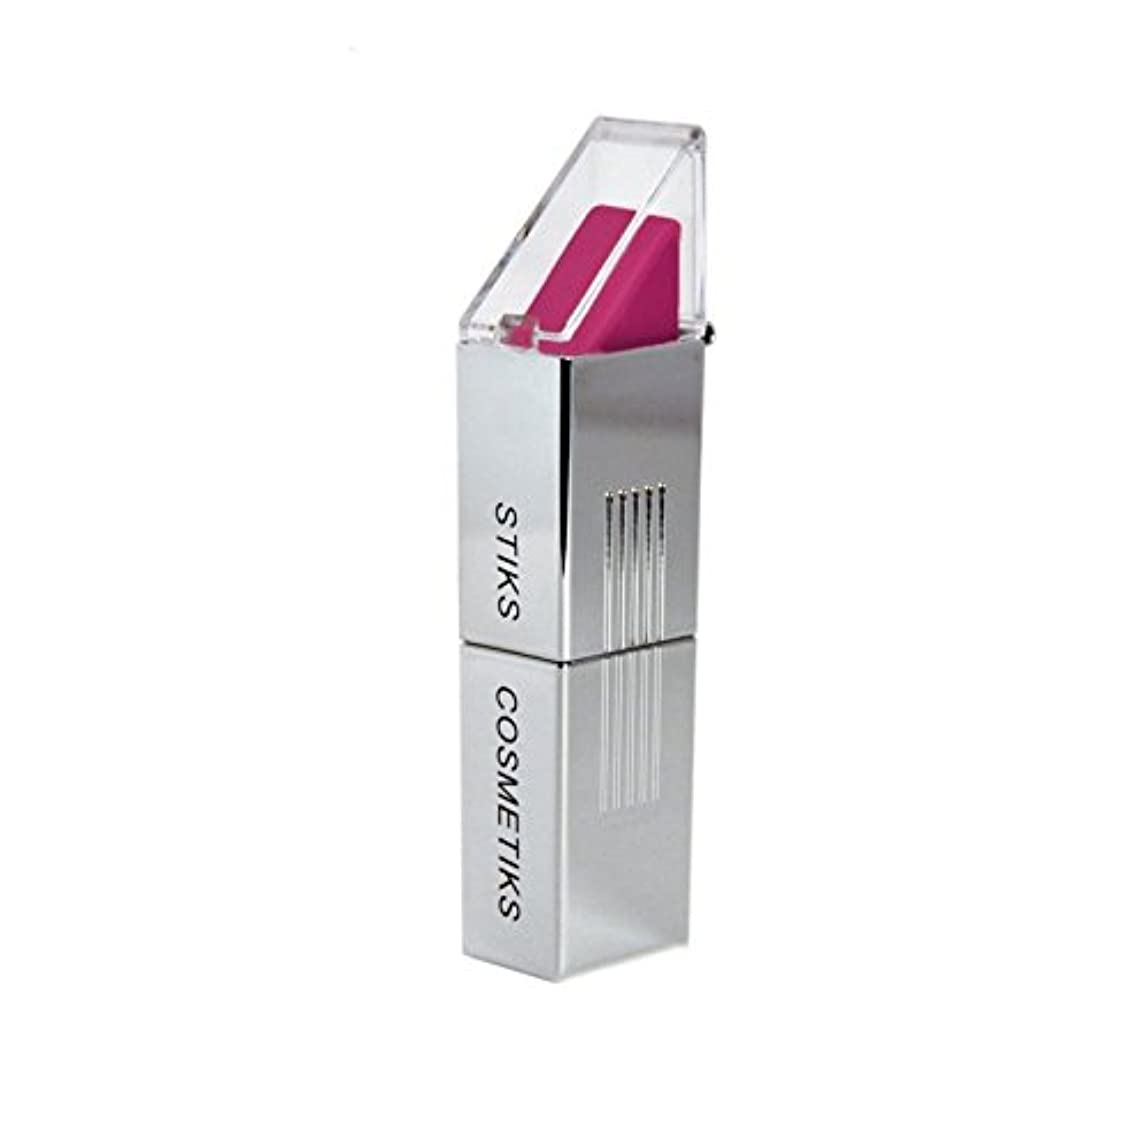 スラダムメディカル側面フクシア口紅 x2 - STIKS Cosmetiks Fuchsia Lipstick (Pack of 2) [並行輸入品]